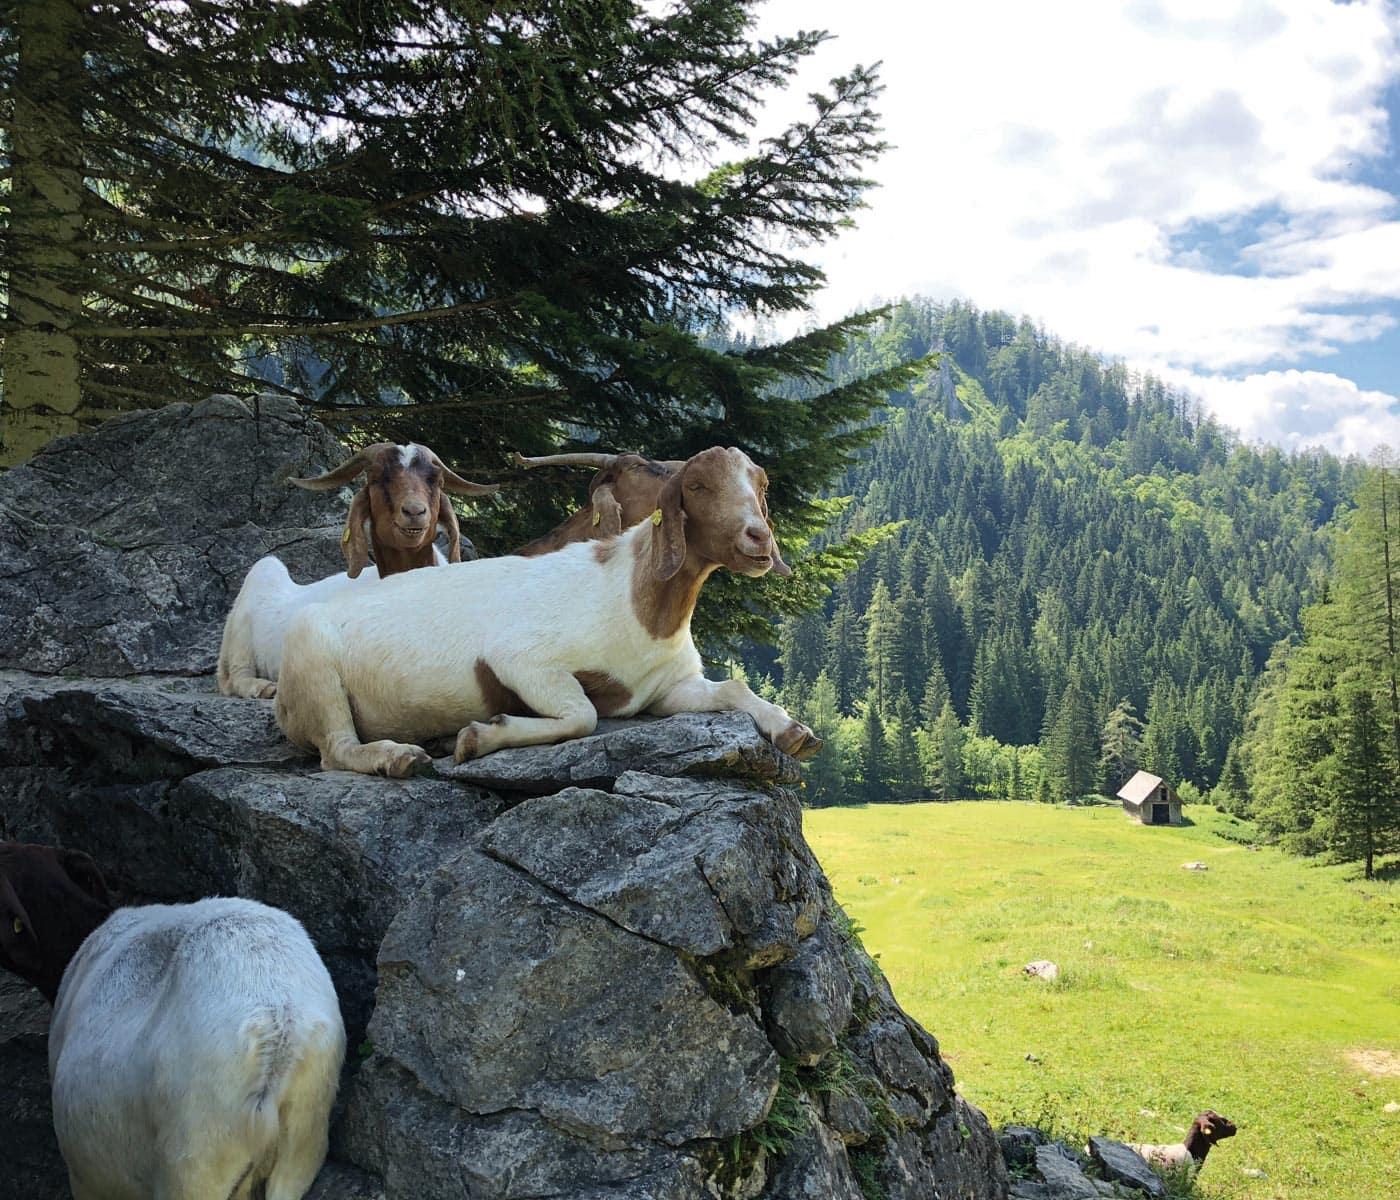 Familienurlaub in Österreich: Natur, Tiere, Berge erleben mit Kindern // HIMBEER